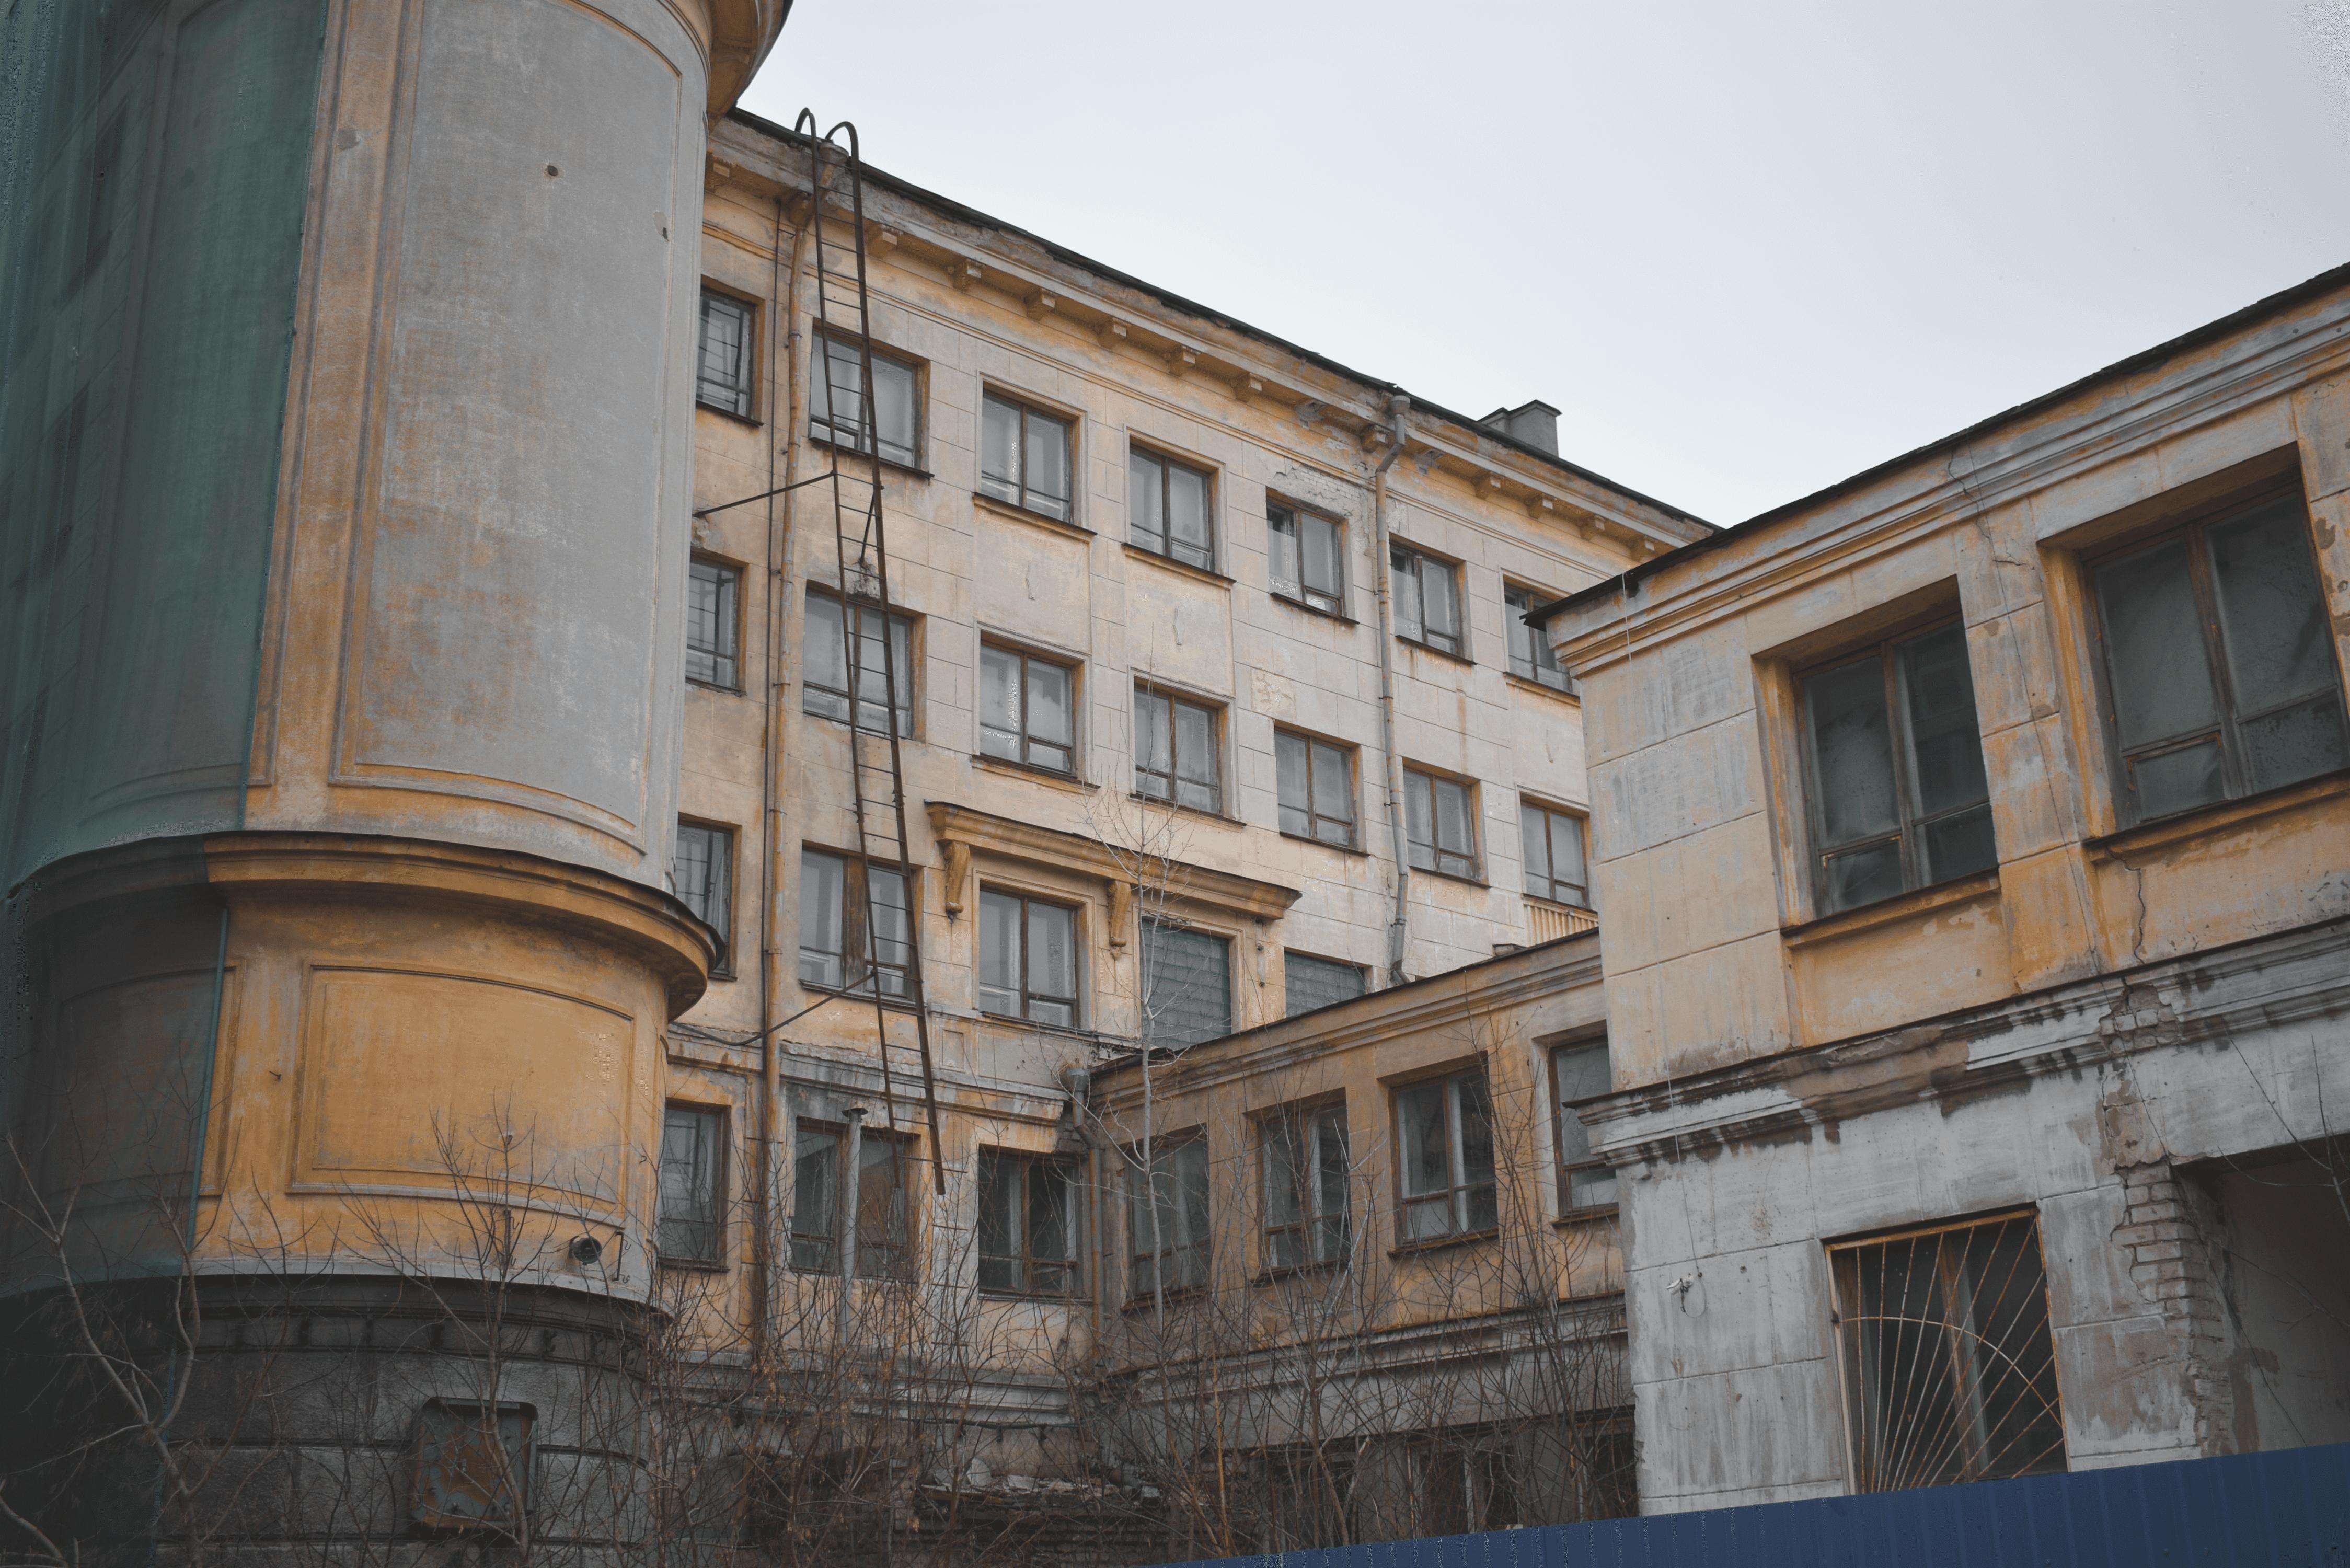 Что нужно нижегородцам и туристам в здании на месте гостиницы «Россия» - фото 1